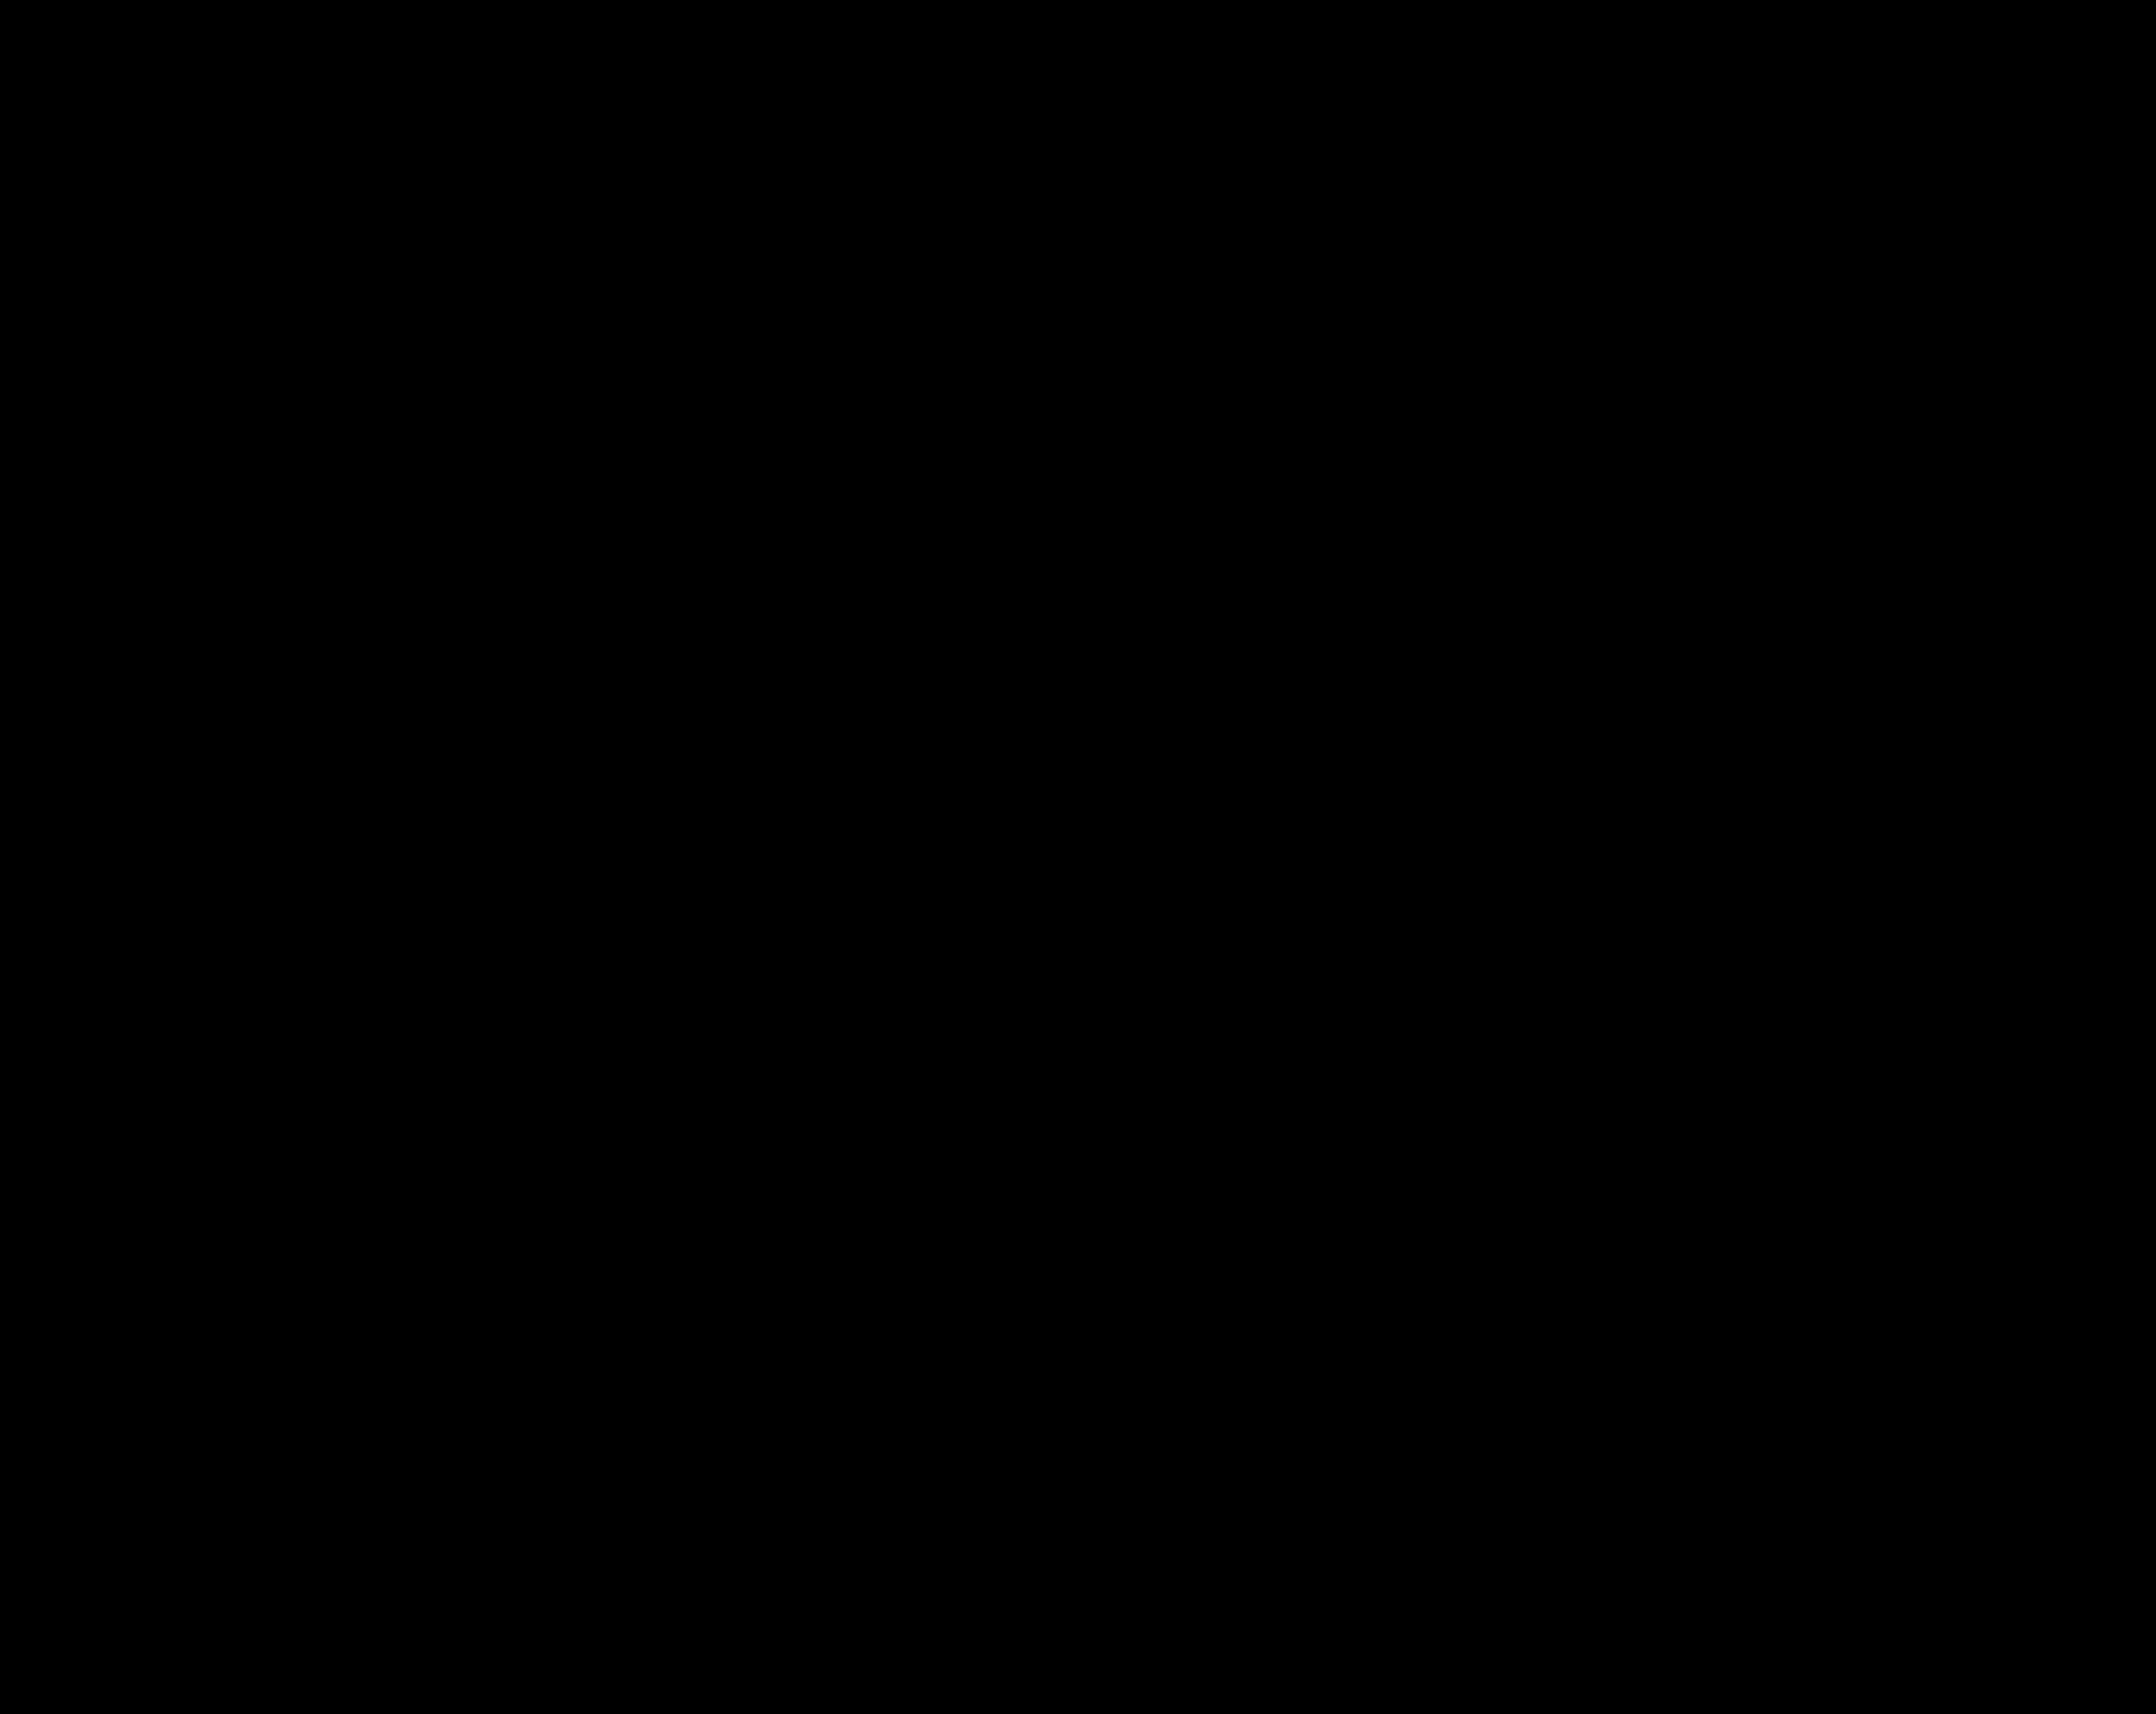 logo2017png